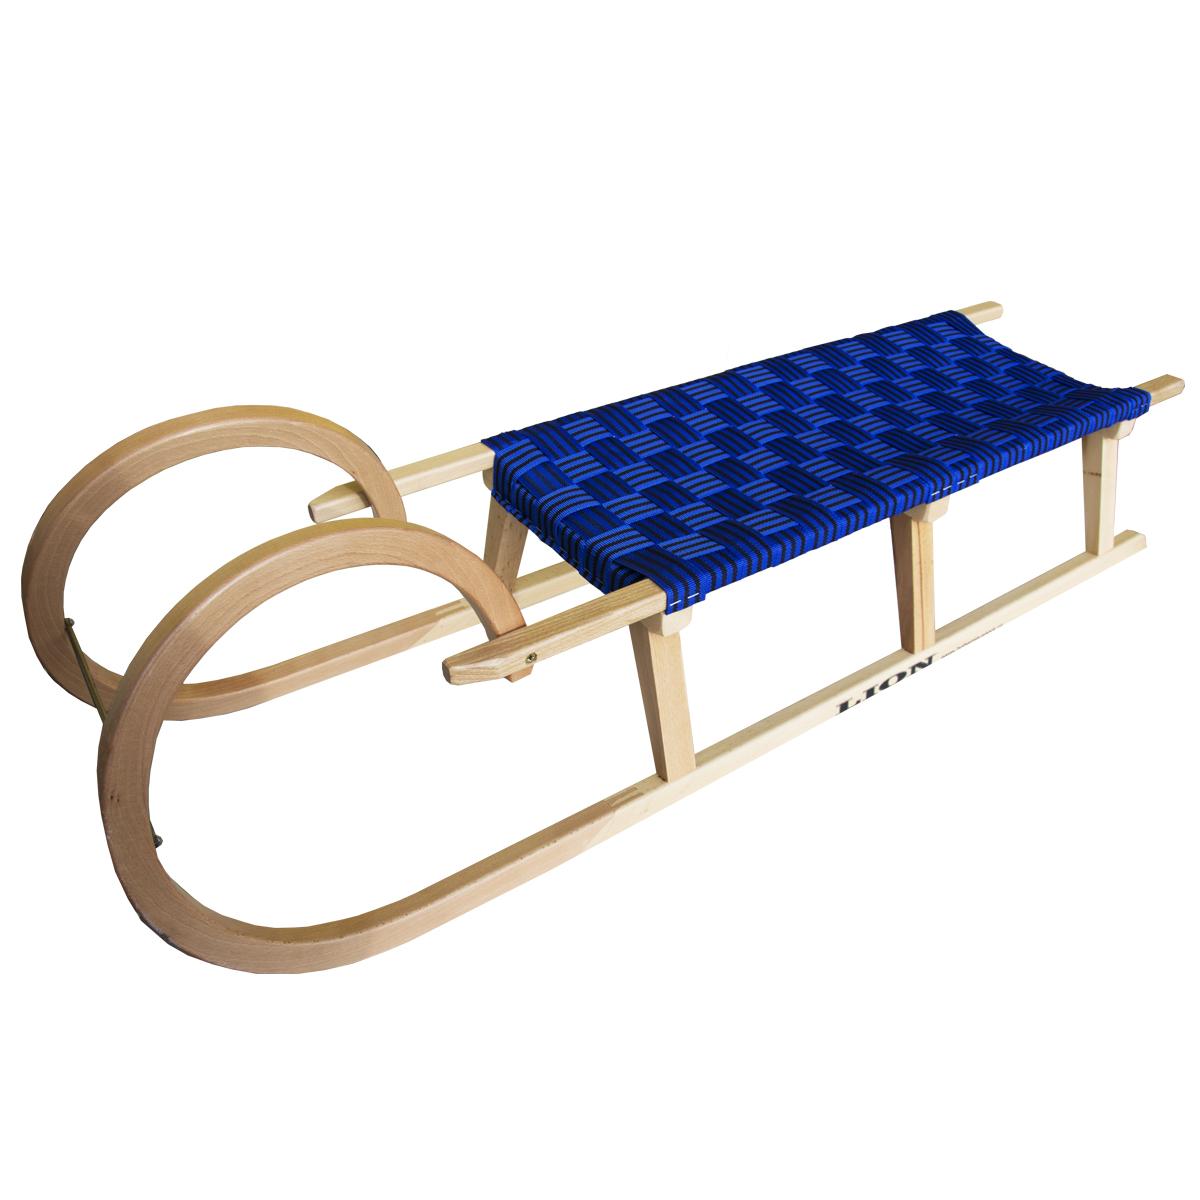 Sáně dřevěné LION BOHEMIA rohačky délka 125 cm - modré